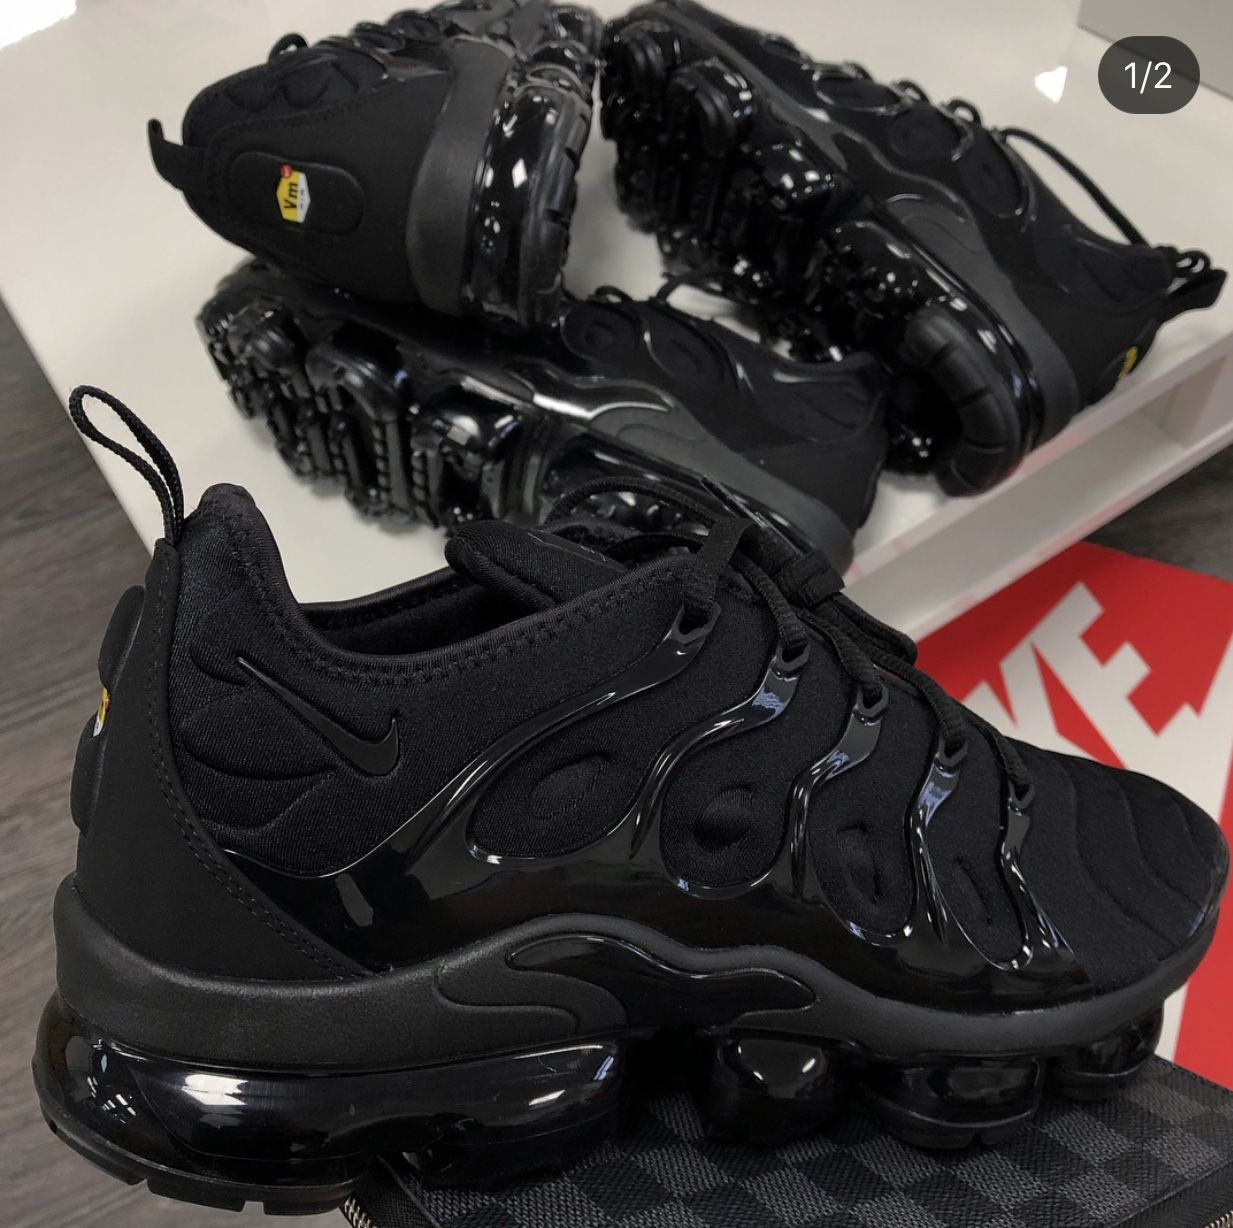 cheaper 76e1d 0a394 Sneaker Con Tacchi, Scarpe Col Tacco, Scarpe Nike, Cestini, Pantaloni Da  Donna, Abbigliamento Sportivo, Zeppe, Calze, Vestirsi, Scarpe Da Ginnastica